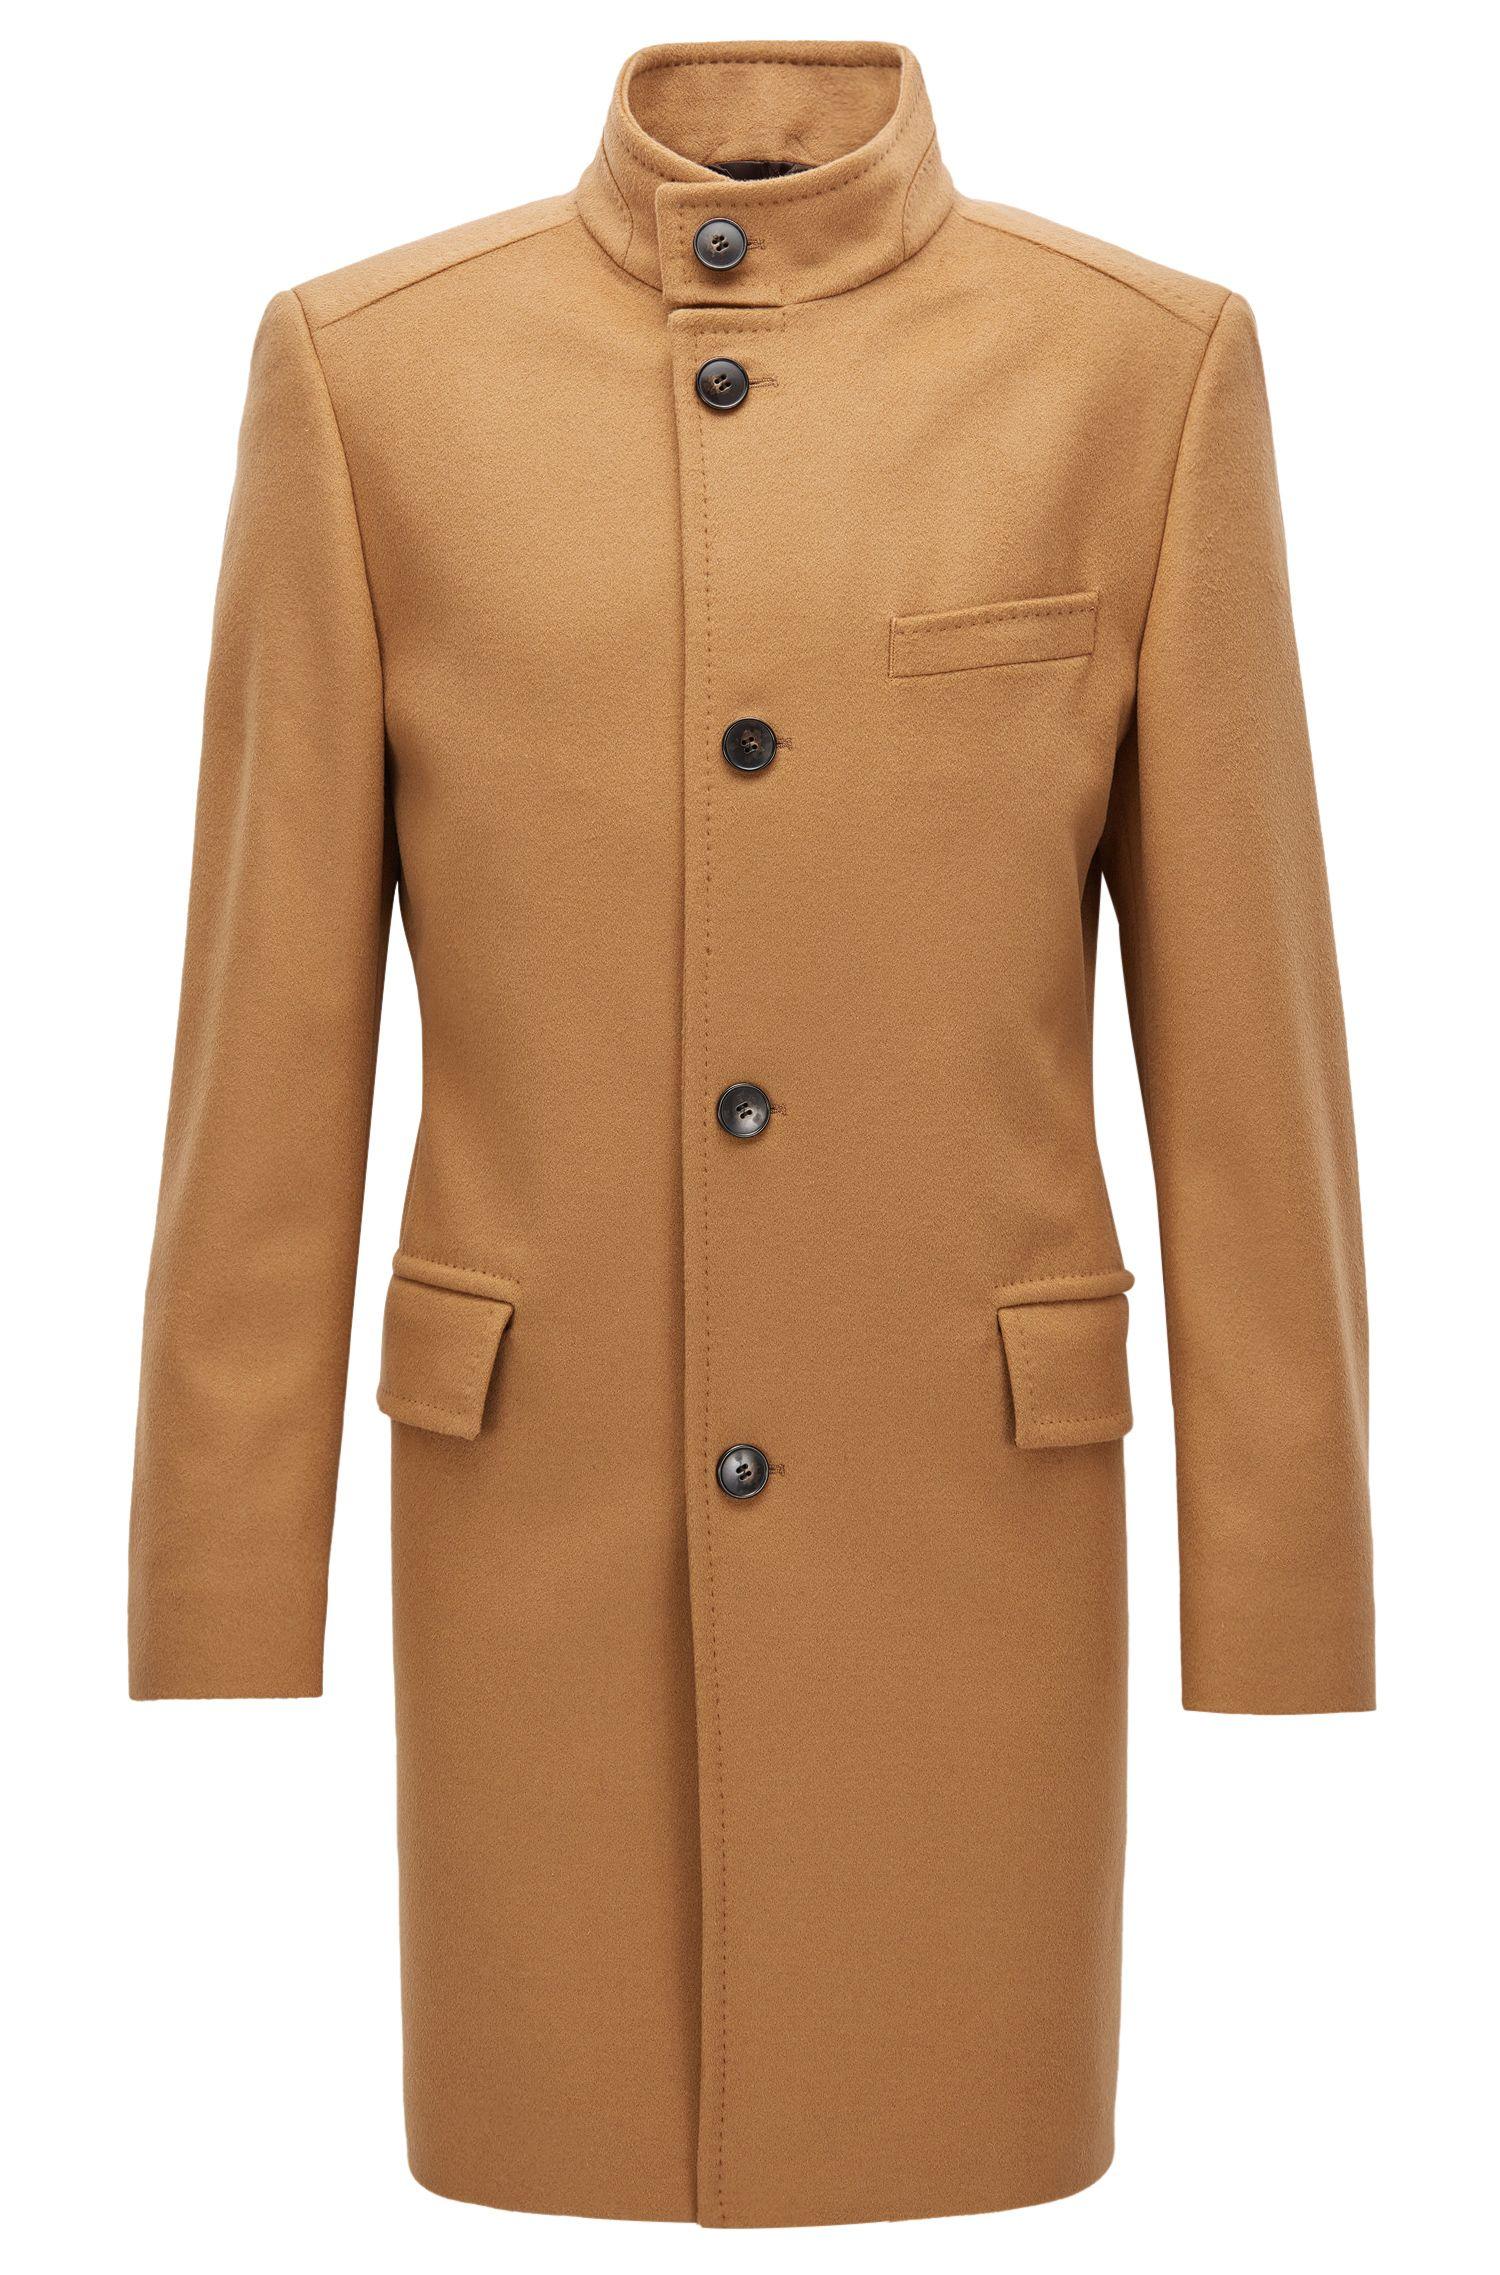 Cappotto regular fit in misto lana vergine con colletto rialzato